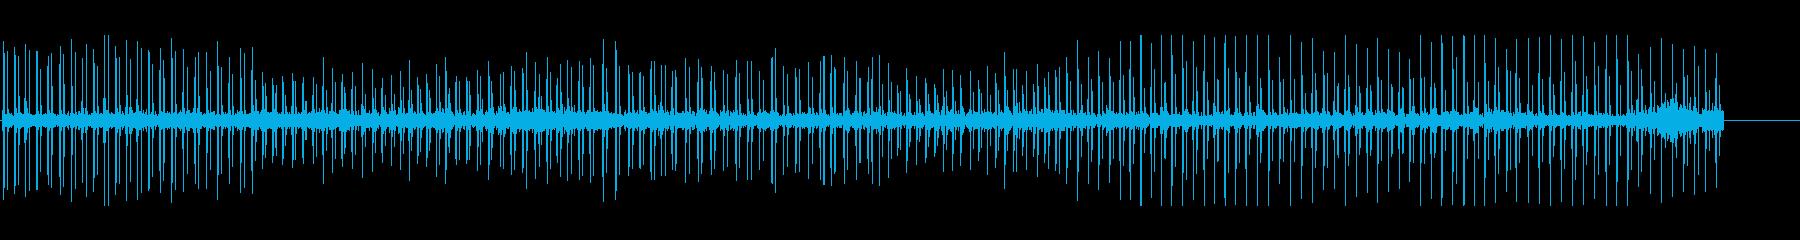 ハートビート、変動。の再生済みの波形